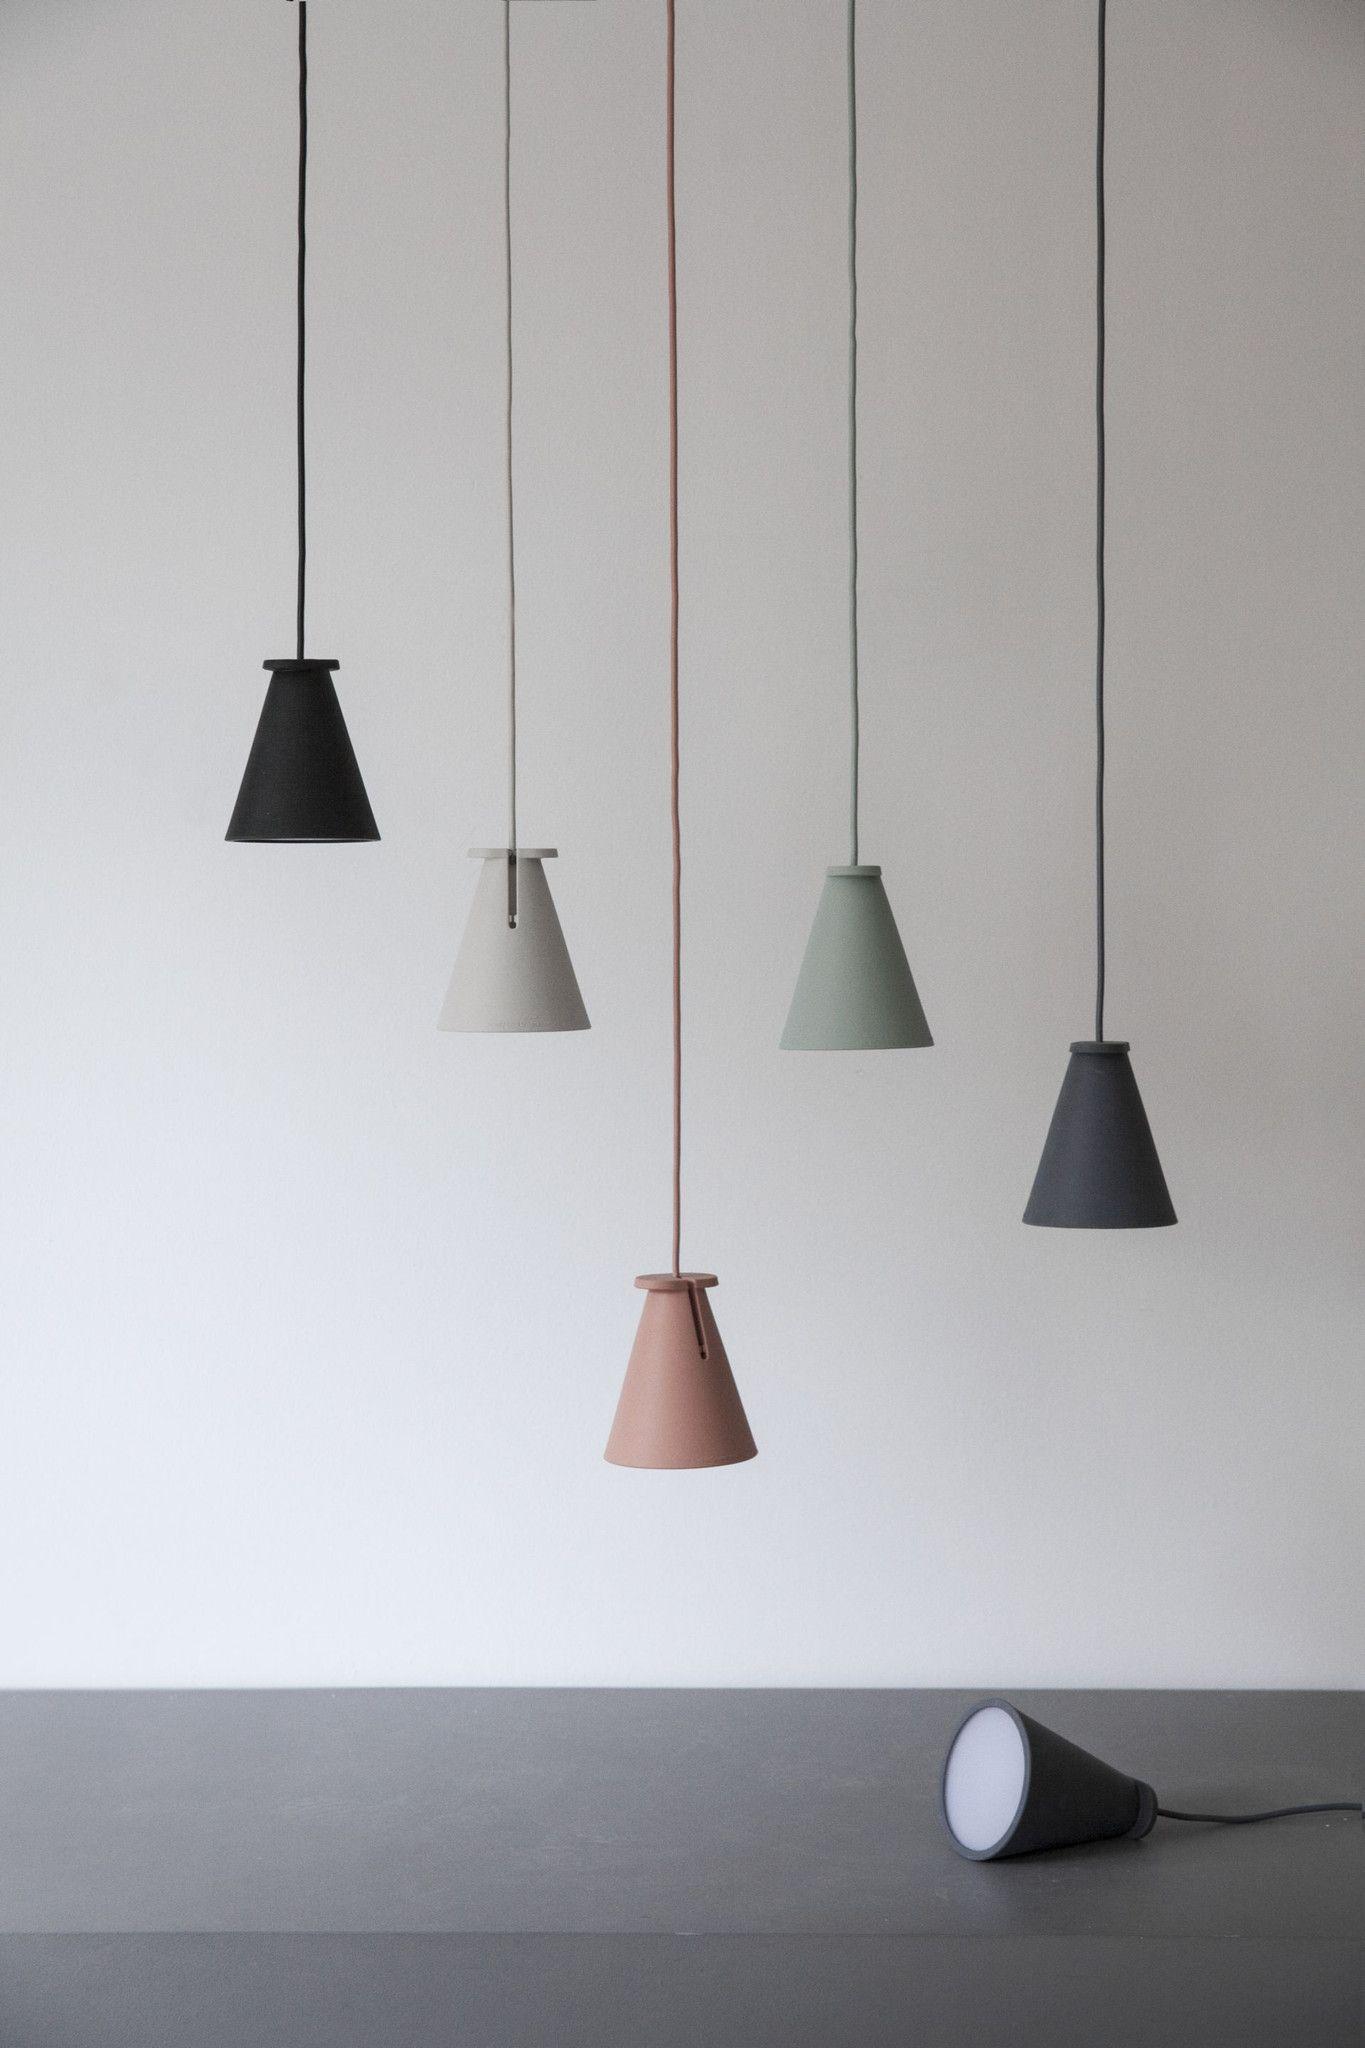 Bollard Lamp In Black Design By Menu Scandinavian Lamps Interior Lighting Lamp Design